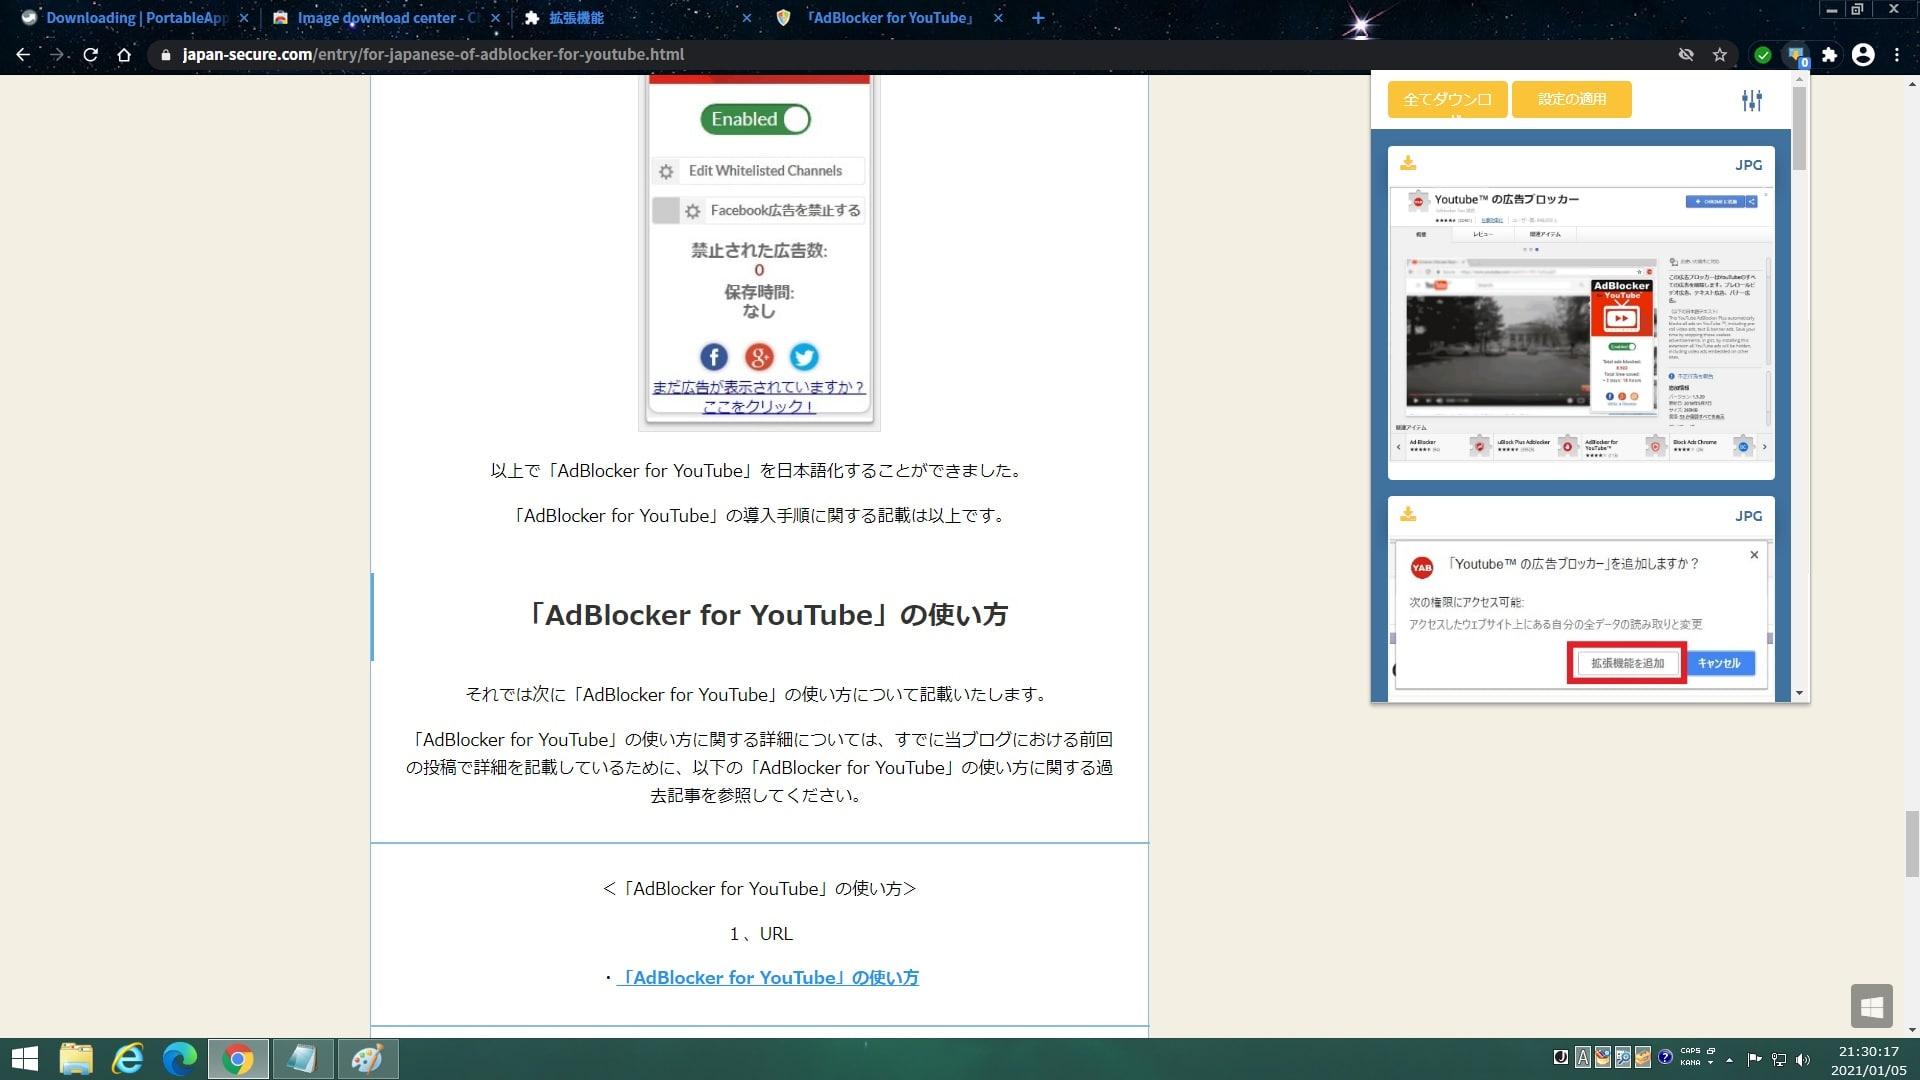 Image Download CenterでWebサイトの画像をダウンロードしている画面